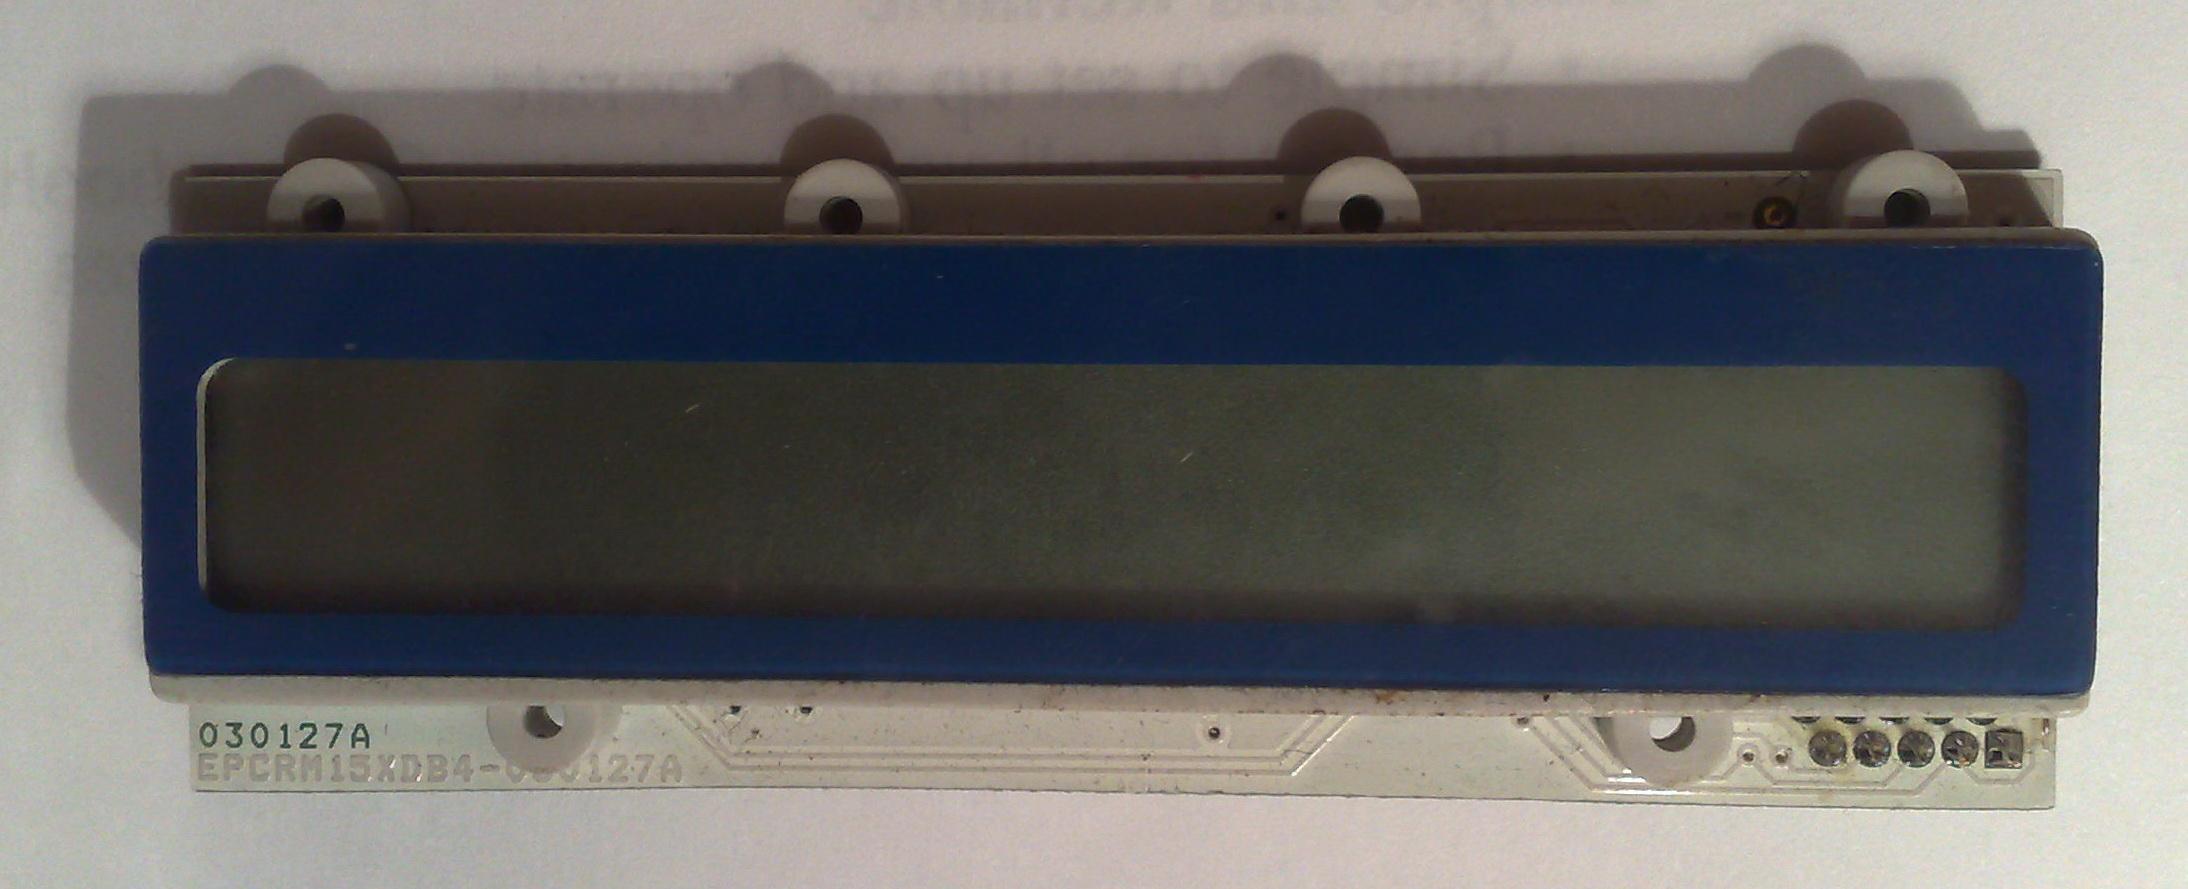 Kasa fiskalna - Identyfikacja wy�wietlacza LCD.